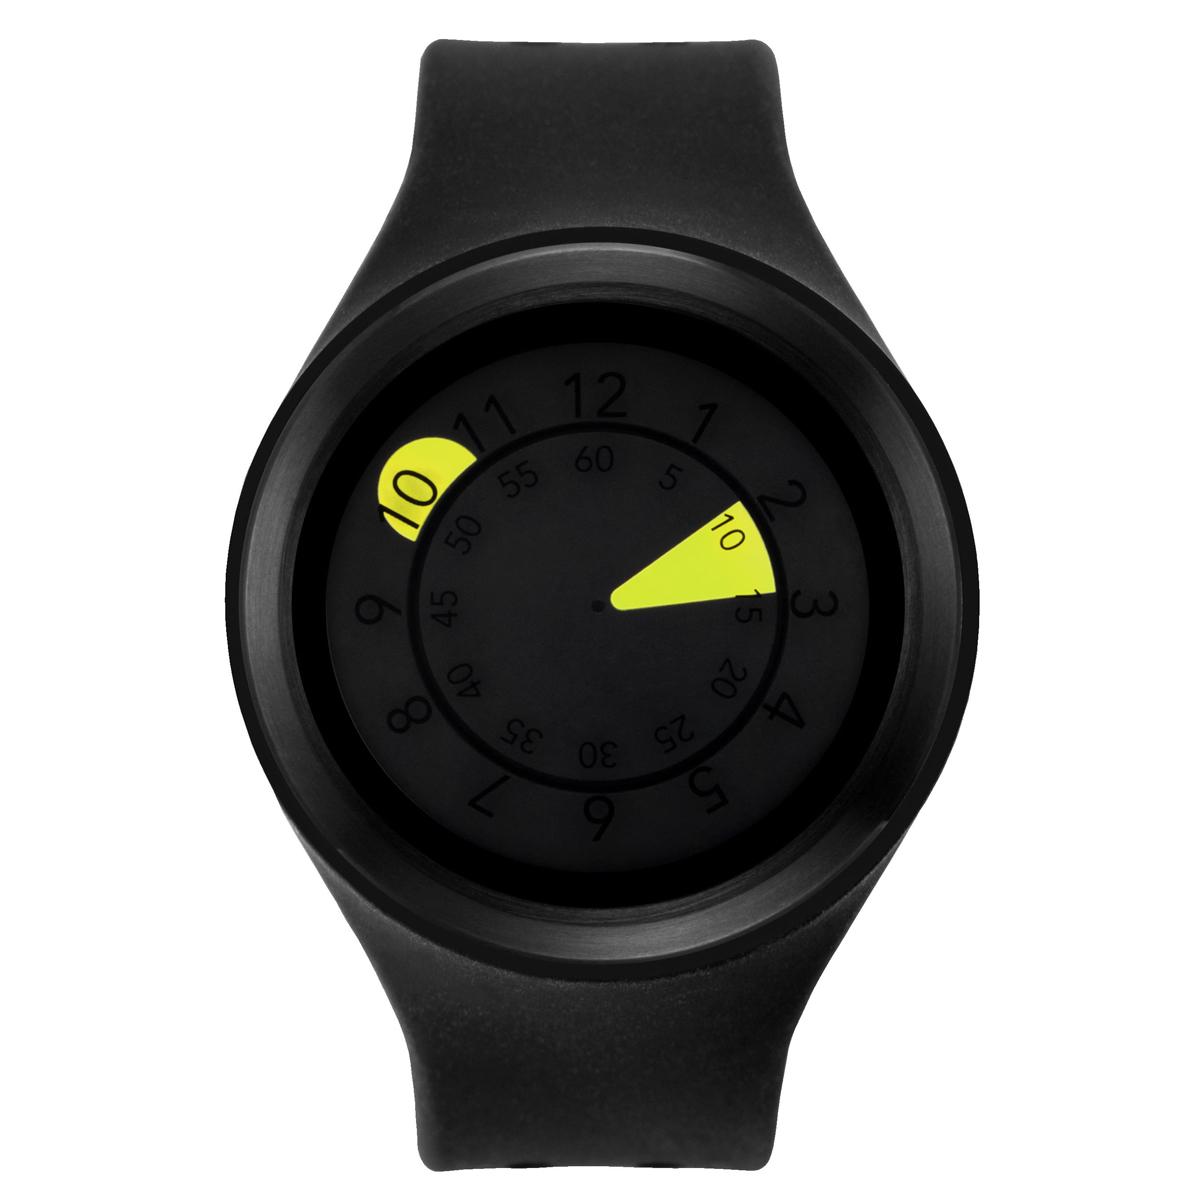 ZEROO AQUA DROP ゼロ 電池式クォーツ 腕時計 [W01203B03SR02] ブラック デザインウォッチ ペア用 メンズ レディース ユニセックス おしゃれ時計 デザイナーズ